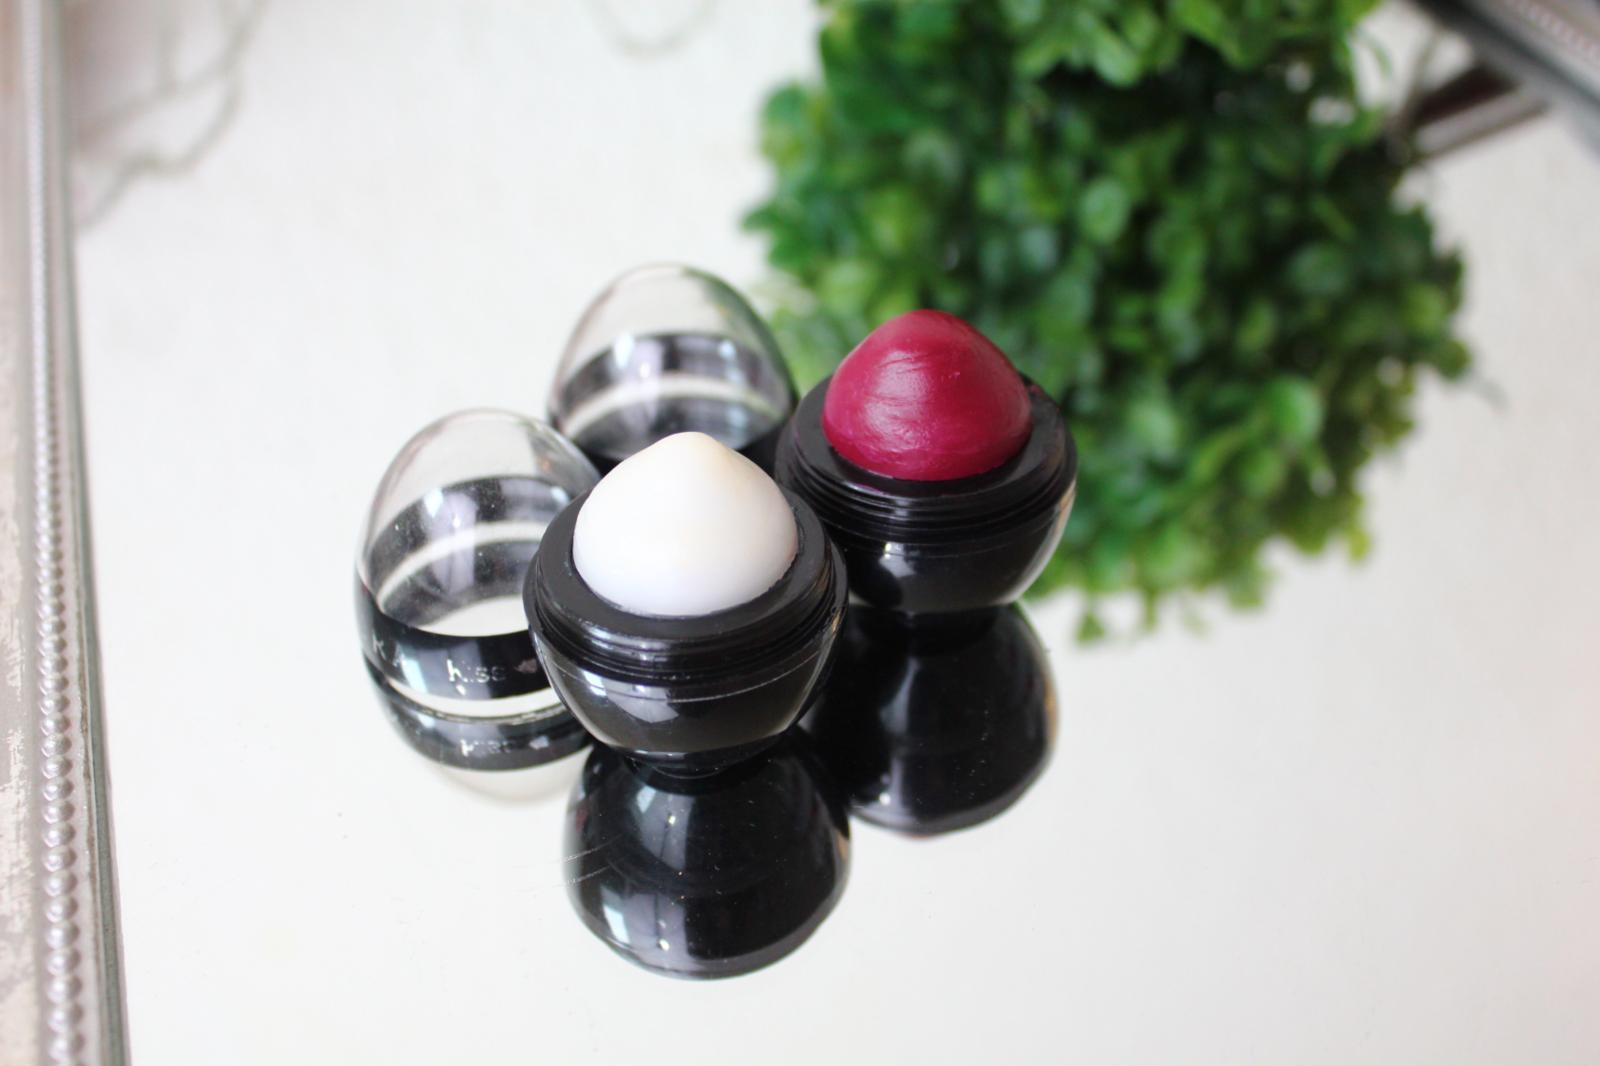 Baumes à lèvres : Entre marketing et efficacité ❤ (Babylips, Sephora, Nuxe, Avène, EOS...)